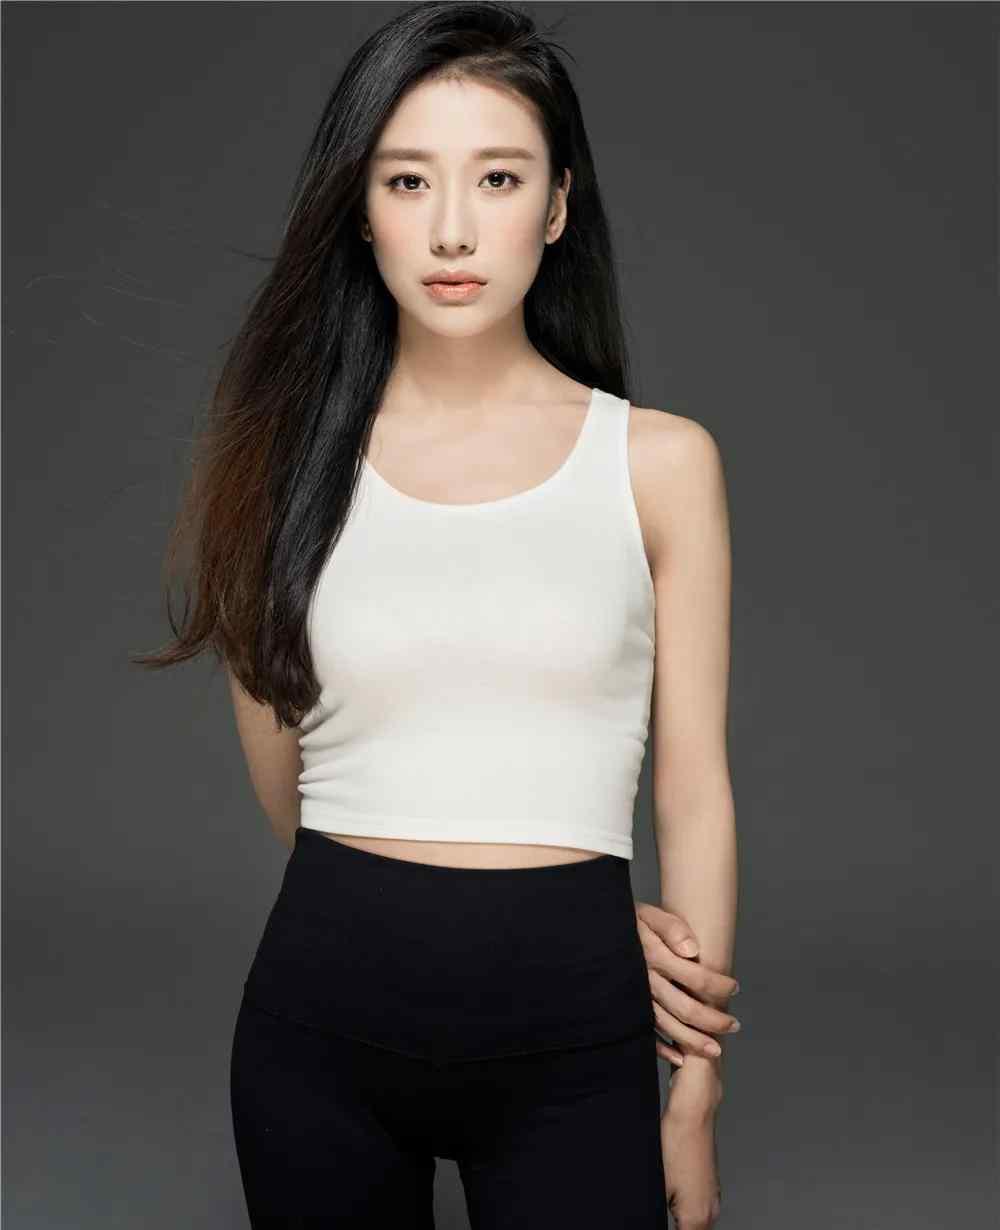 吴刚演员 阎隽溪是谁?一个让吴刚和雷佳音都上头的女演员